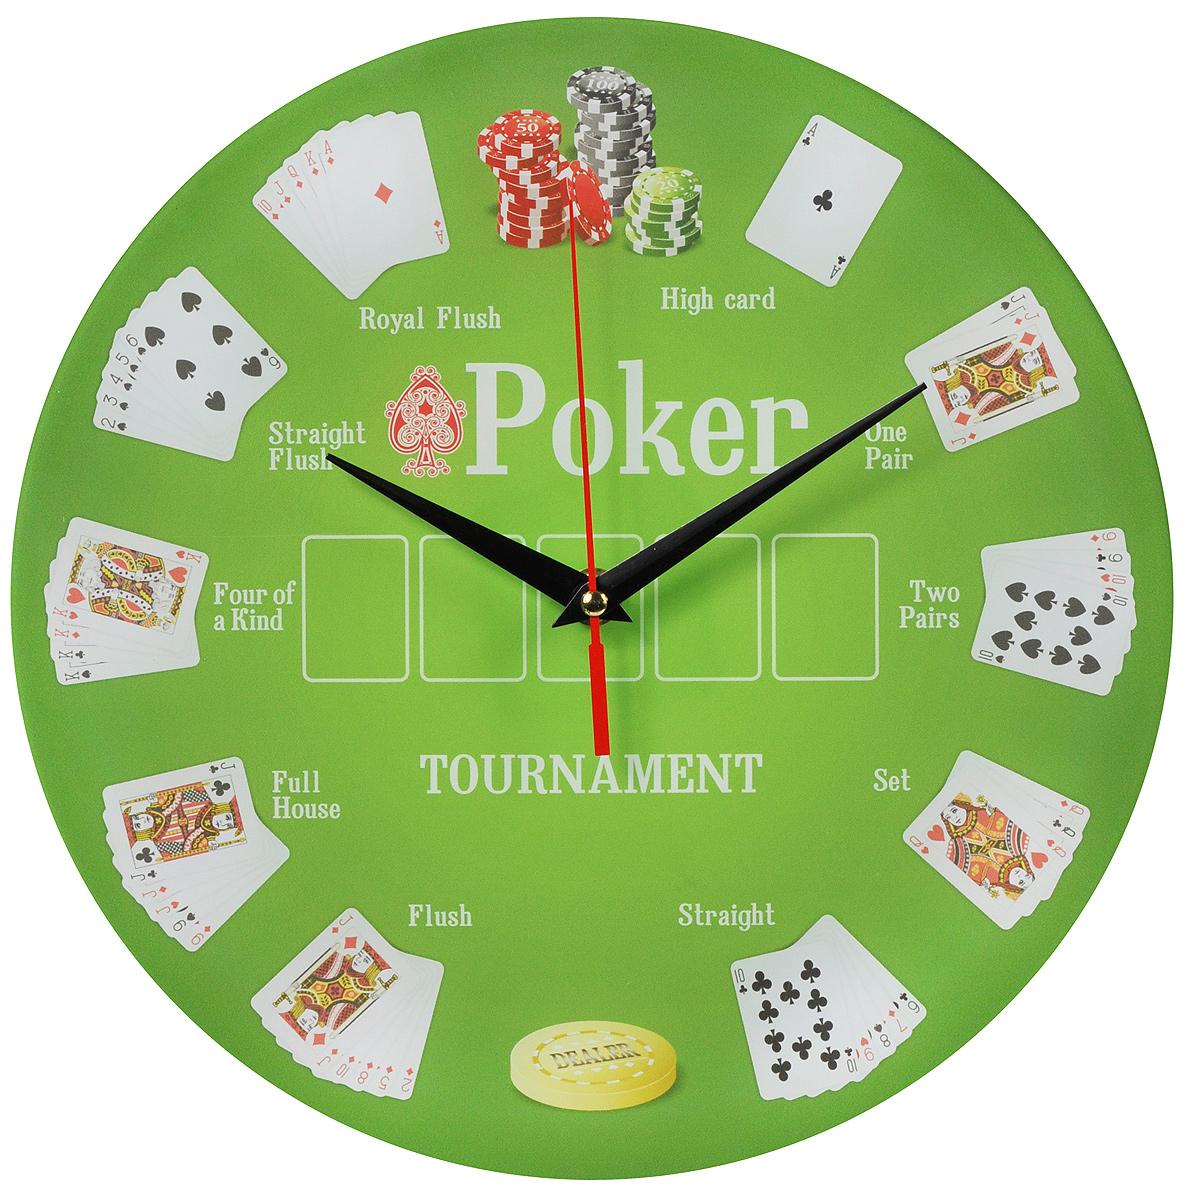 Часы настенные Покер, стеклянные. 9601496014Оригинальные настенные часы Покер круглой формы выполнены из стекла и оформлены изображением покерного стола. Часы имеют три стрелки - часовую, минутную и секундную. Циферблат часов не защищен. Необычное дизайнерское решение и качество исполнения придутся по вкусу каждому.Оформите свой дом таким интерьерным аксессуаром или преподнесите его в качестве презента друзьям, и они оценят ваш оригинальный вкус и неординарность подарка.